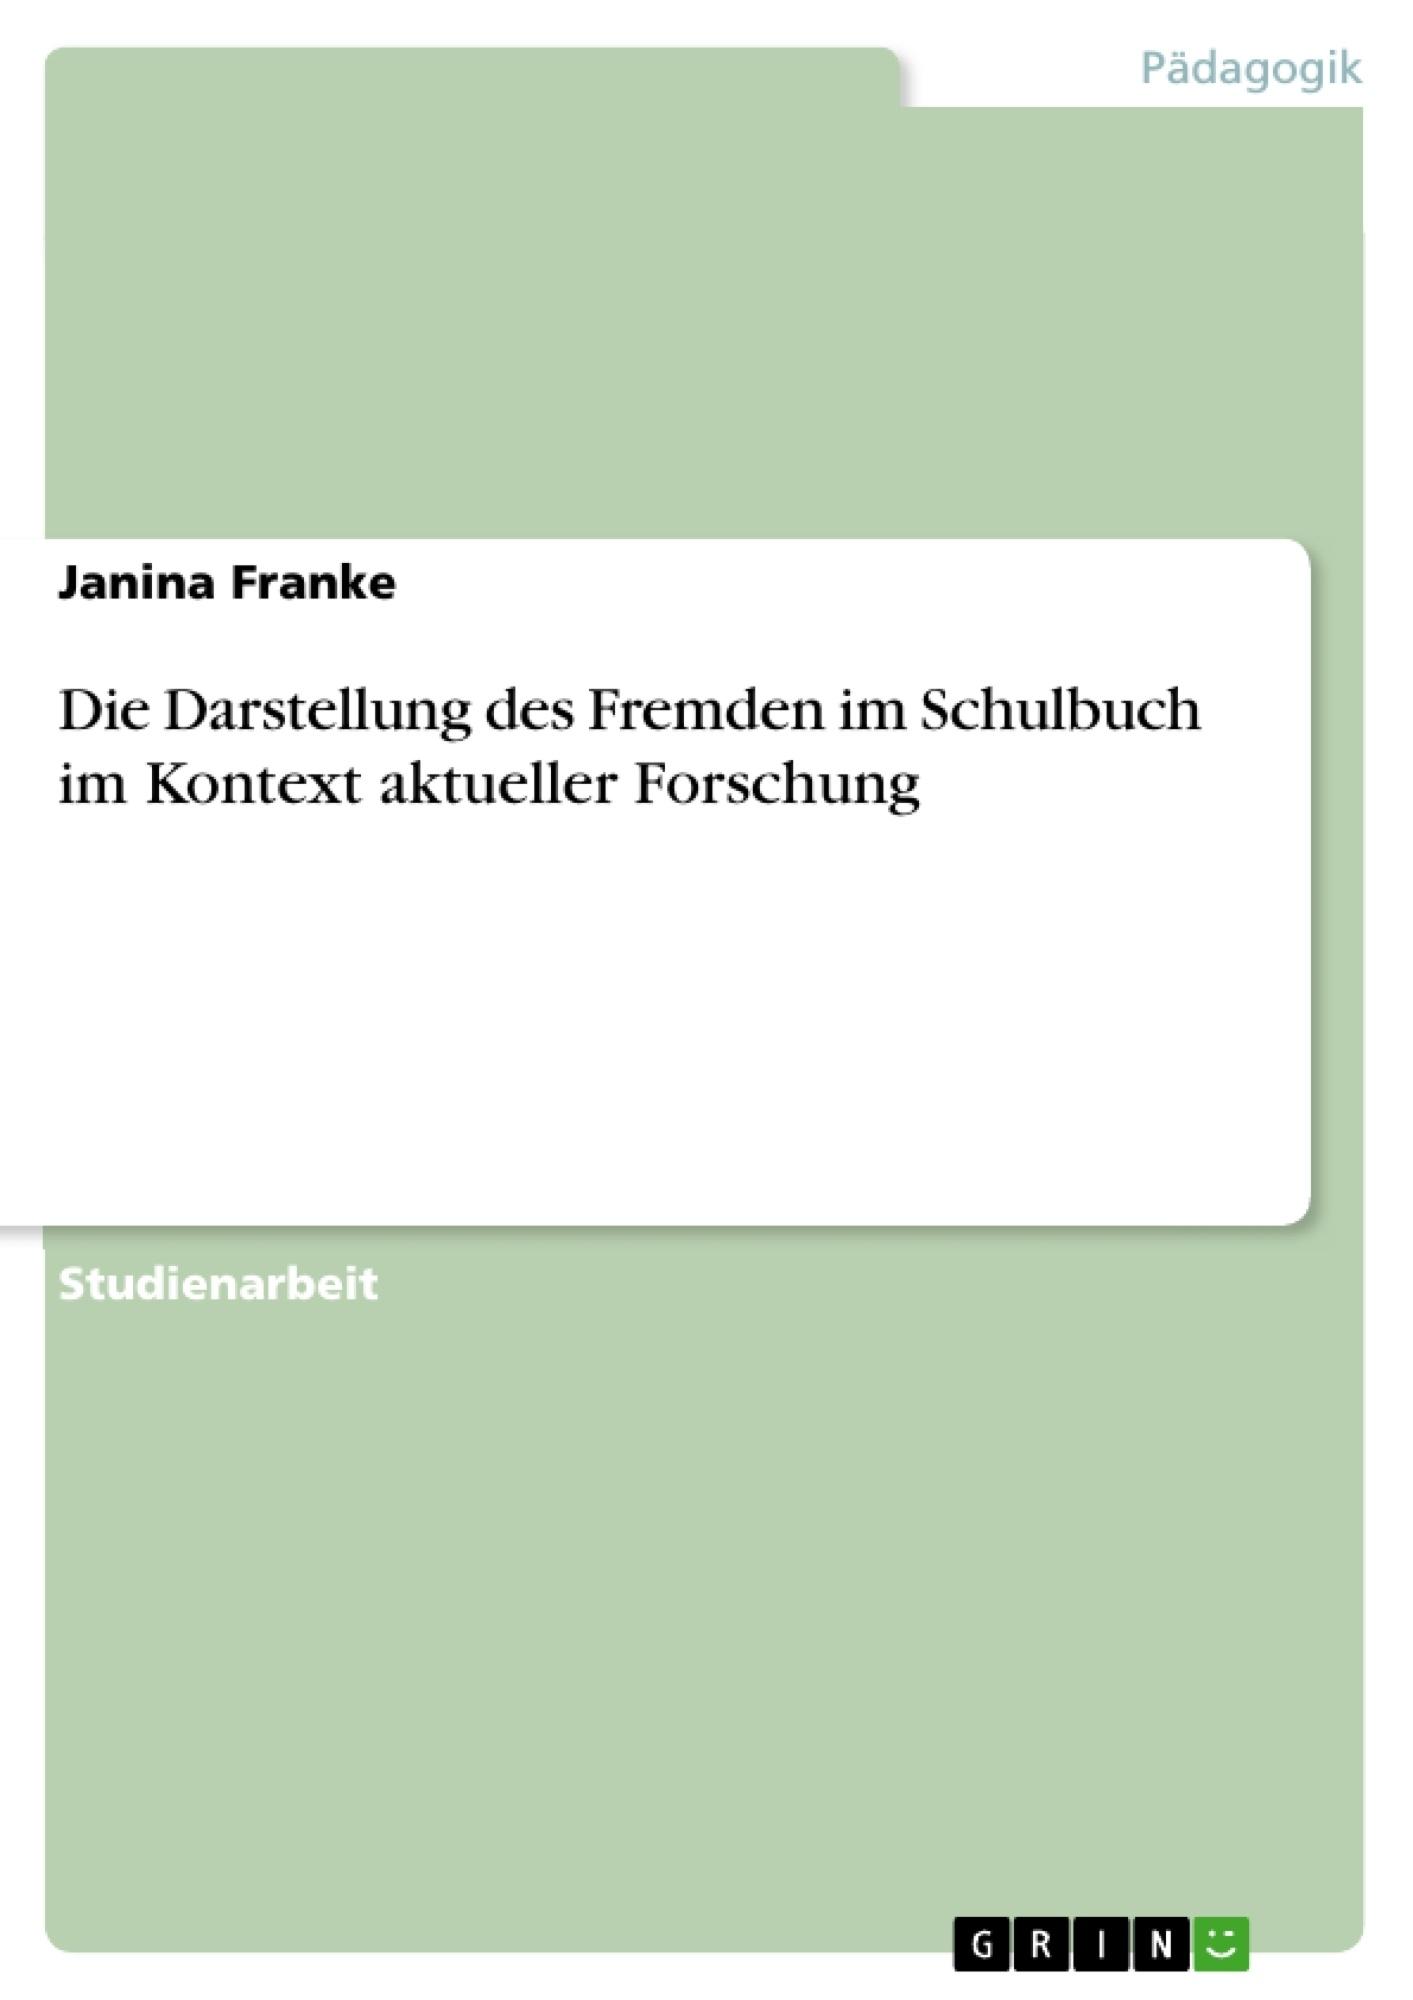 Titel: Die Darstellung des Fremden im Schulbuch im Kontext aktueller Forschung